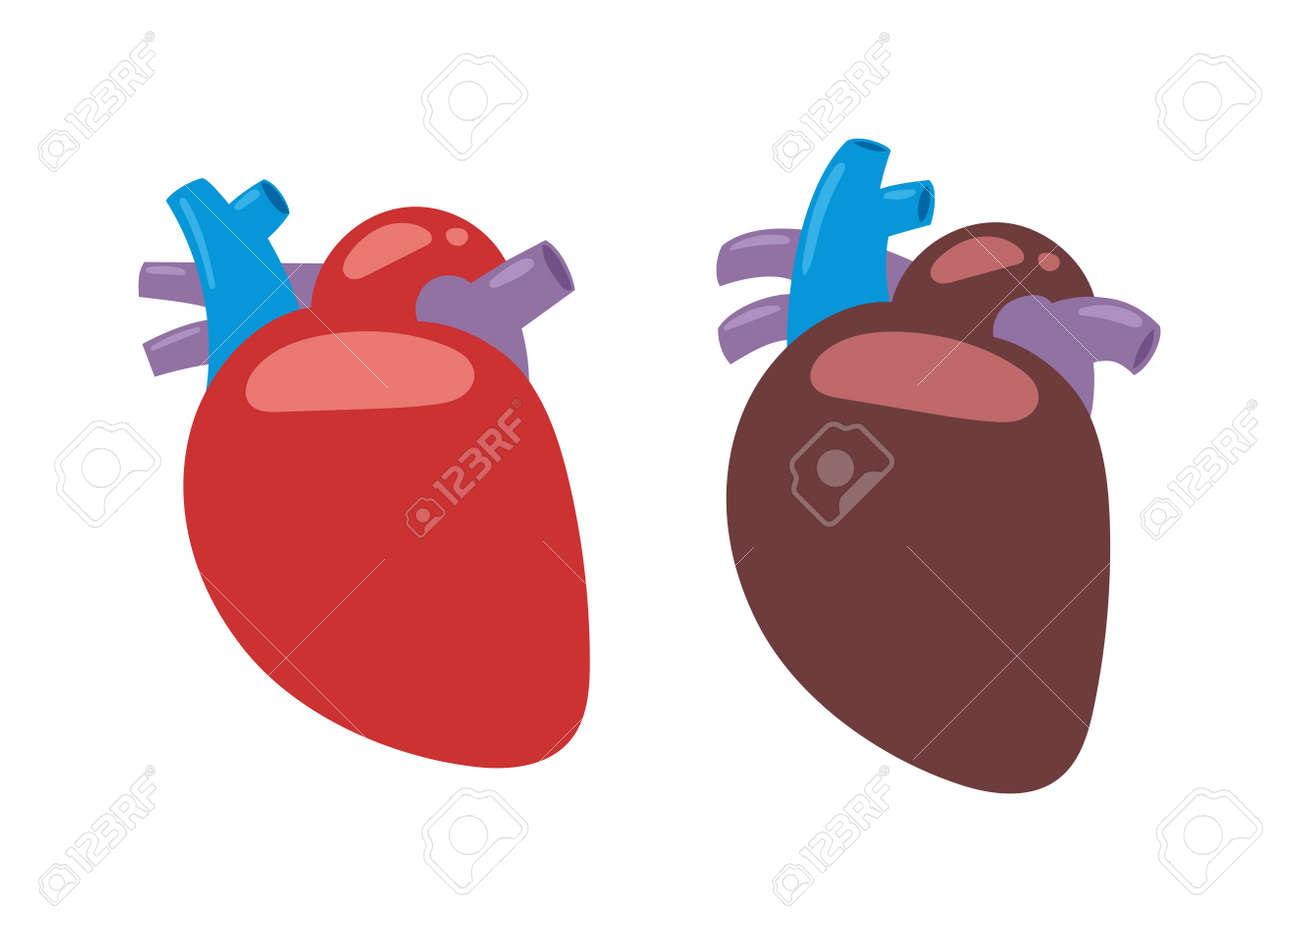 Anatomía Del Corazón Humano Aislado En Blanco Ilustración Vectorial ...